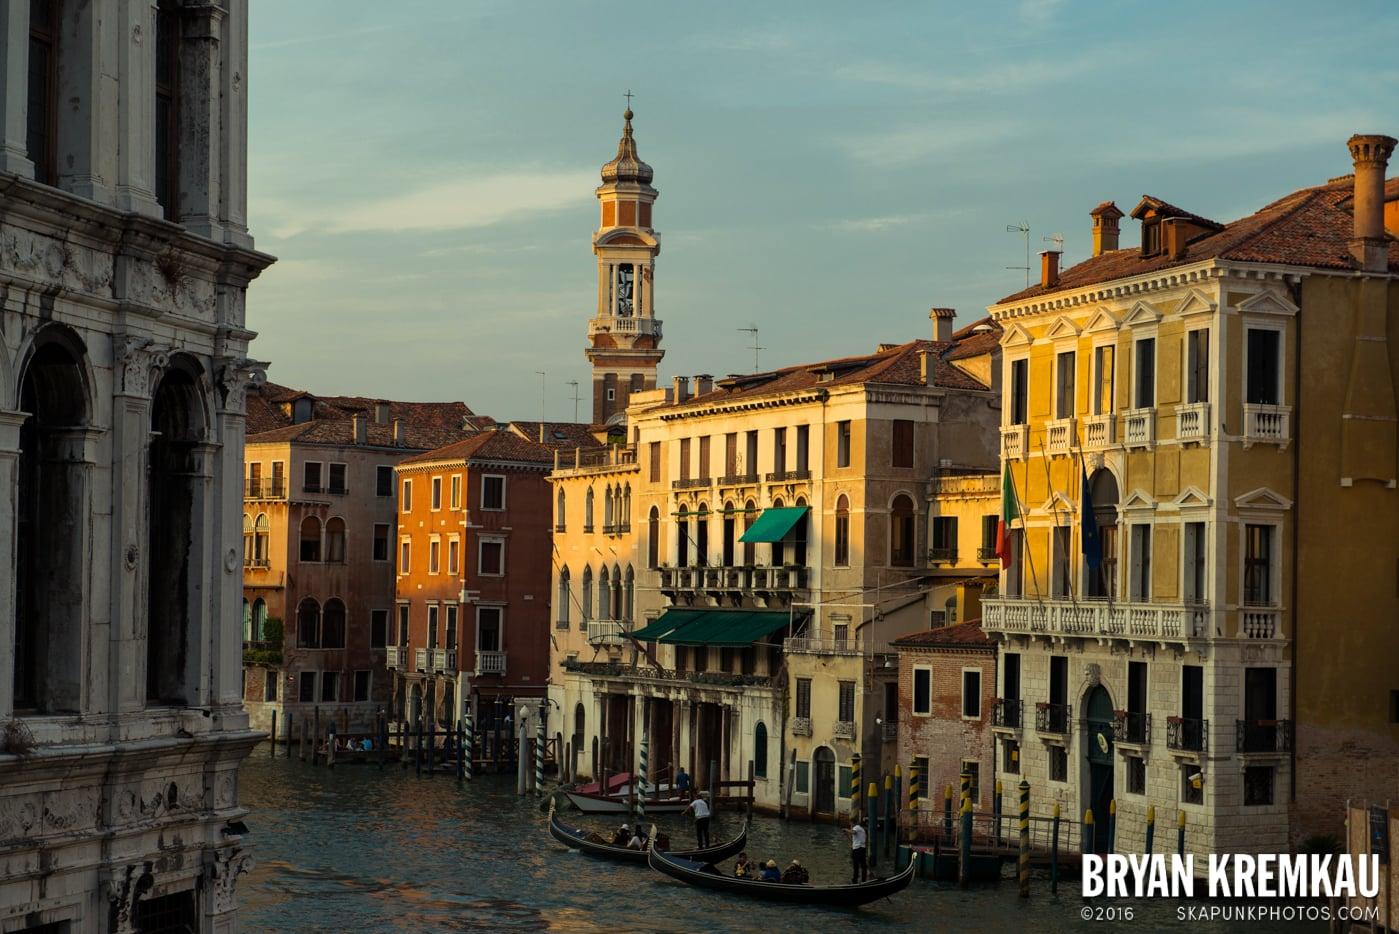 Italy Vacation - Day 6: Murano, Burano, Venice - 9.14.13 (12)